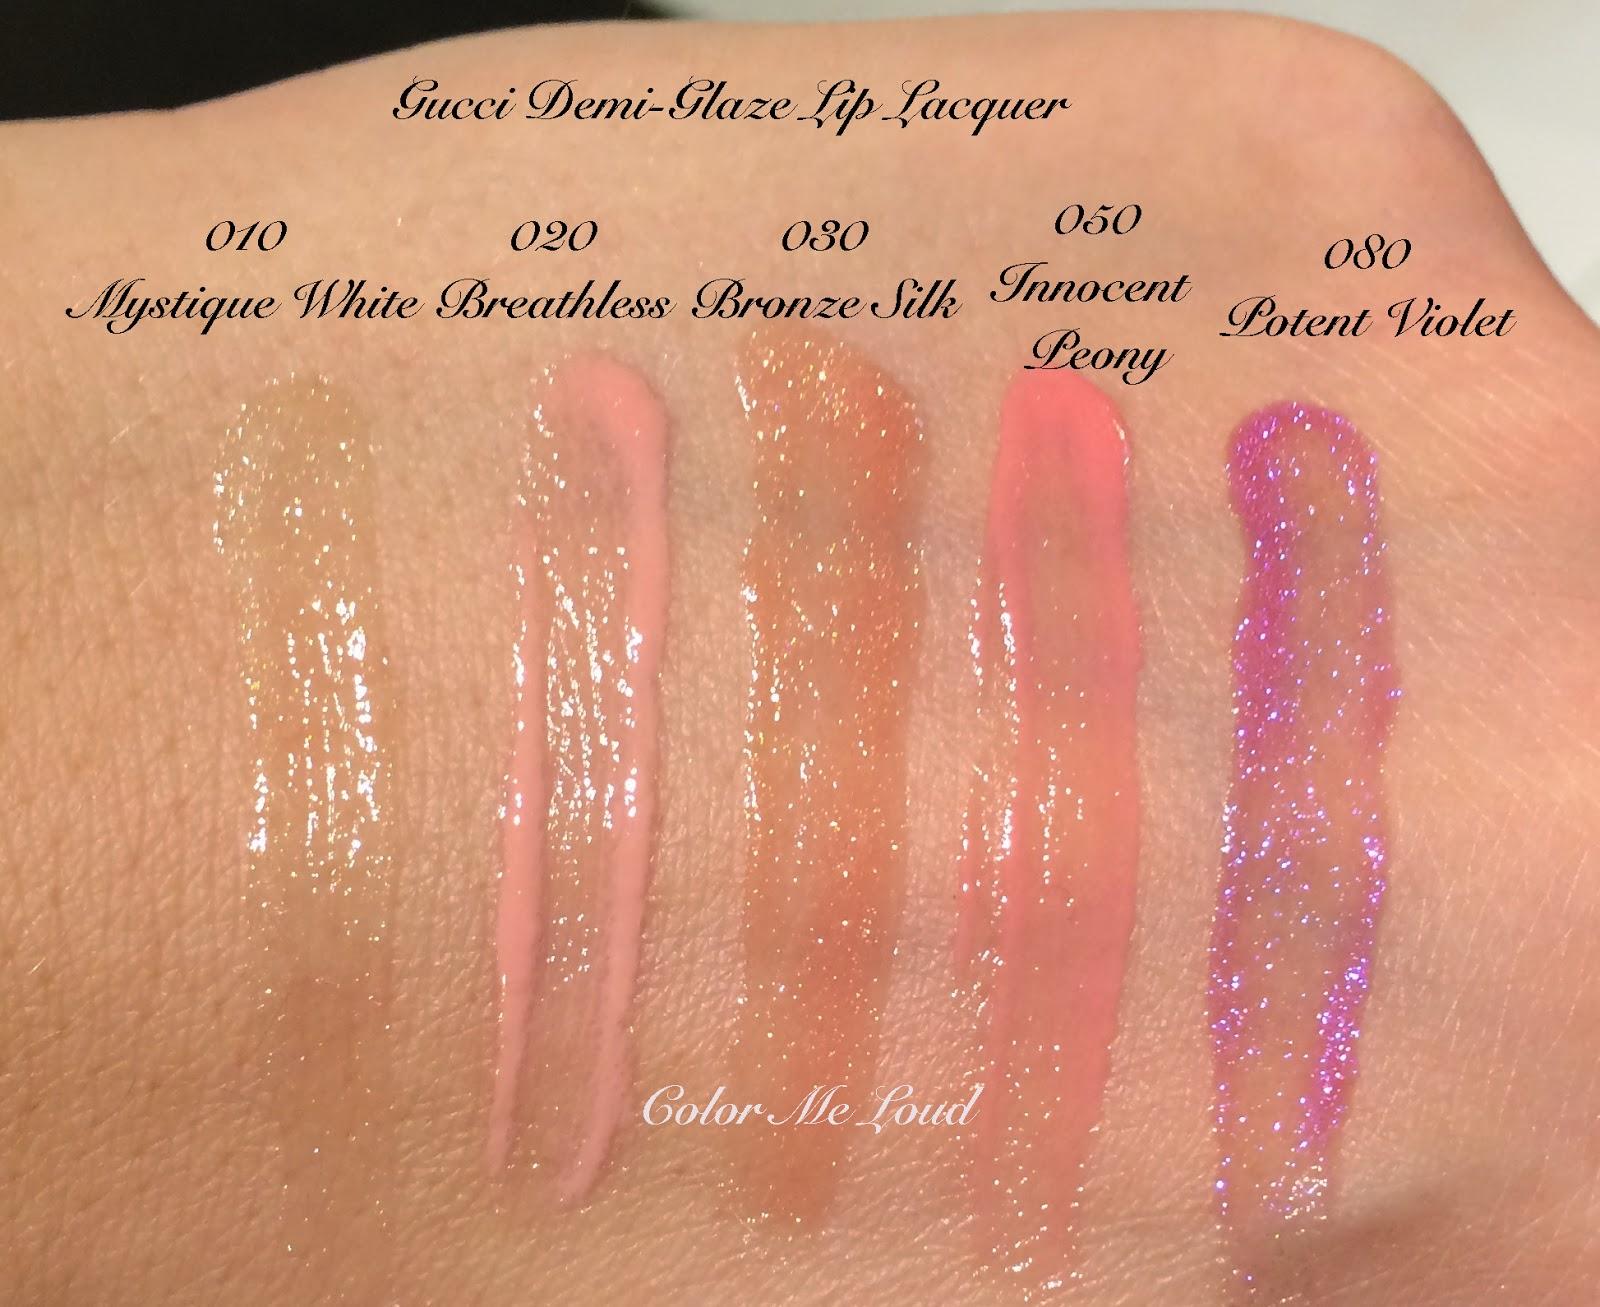 Gucci Demi-Glaze Lip Lacquer Swatches